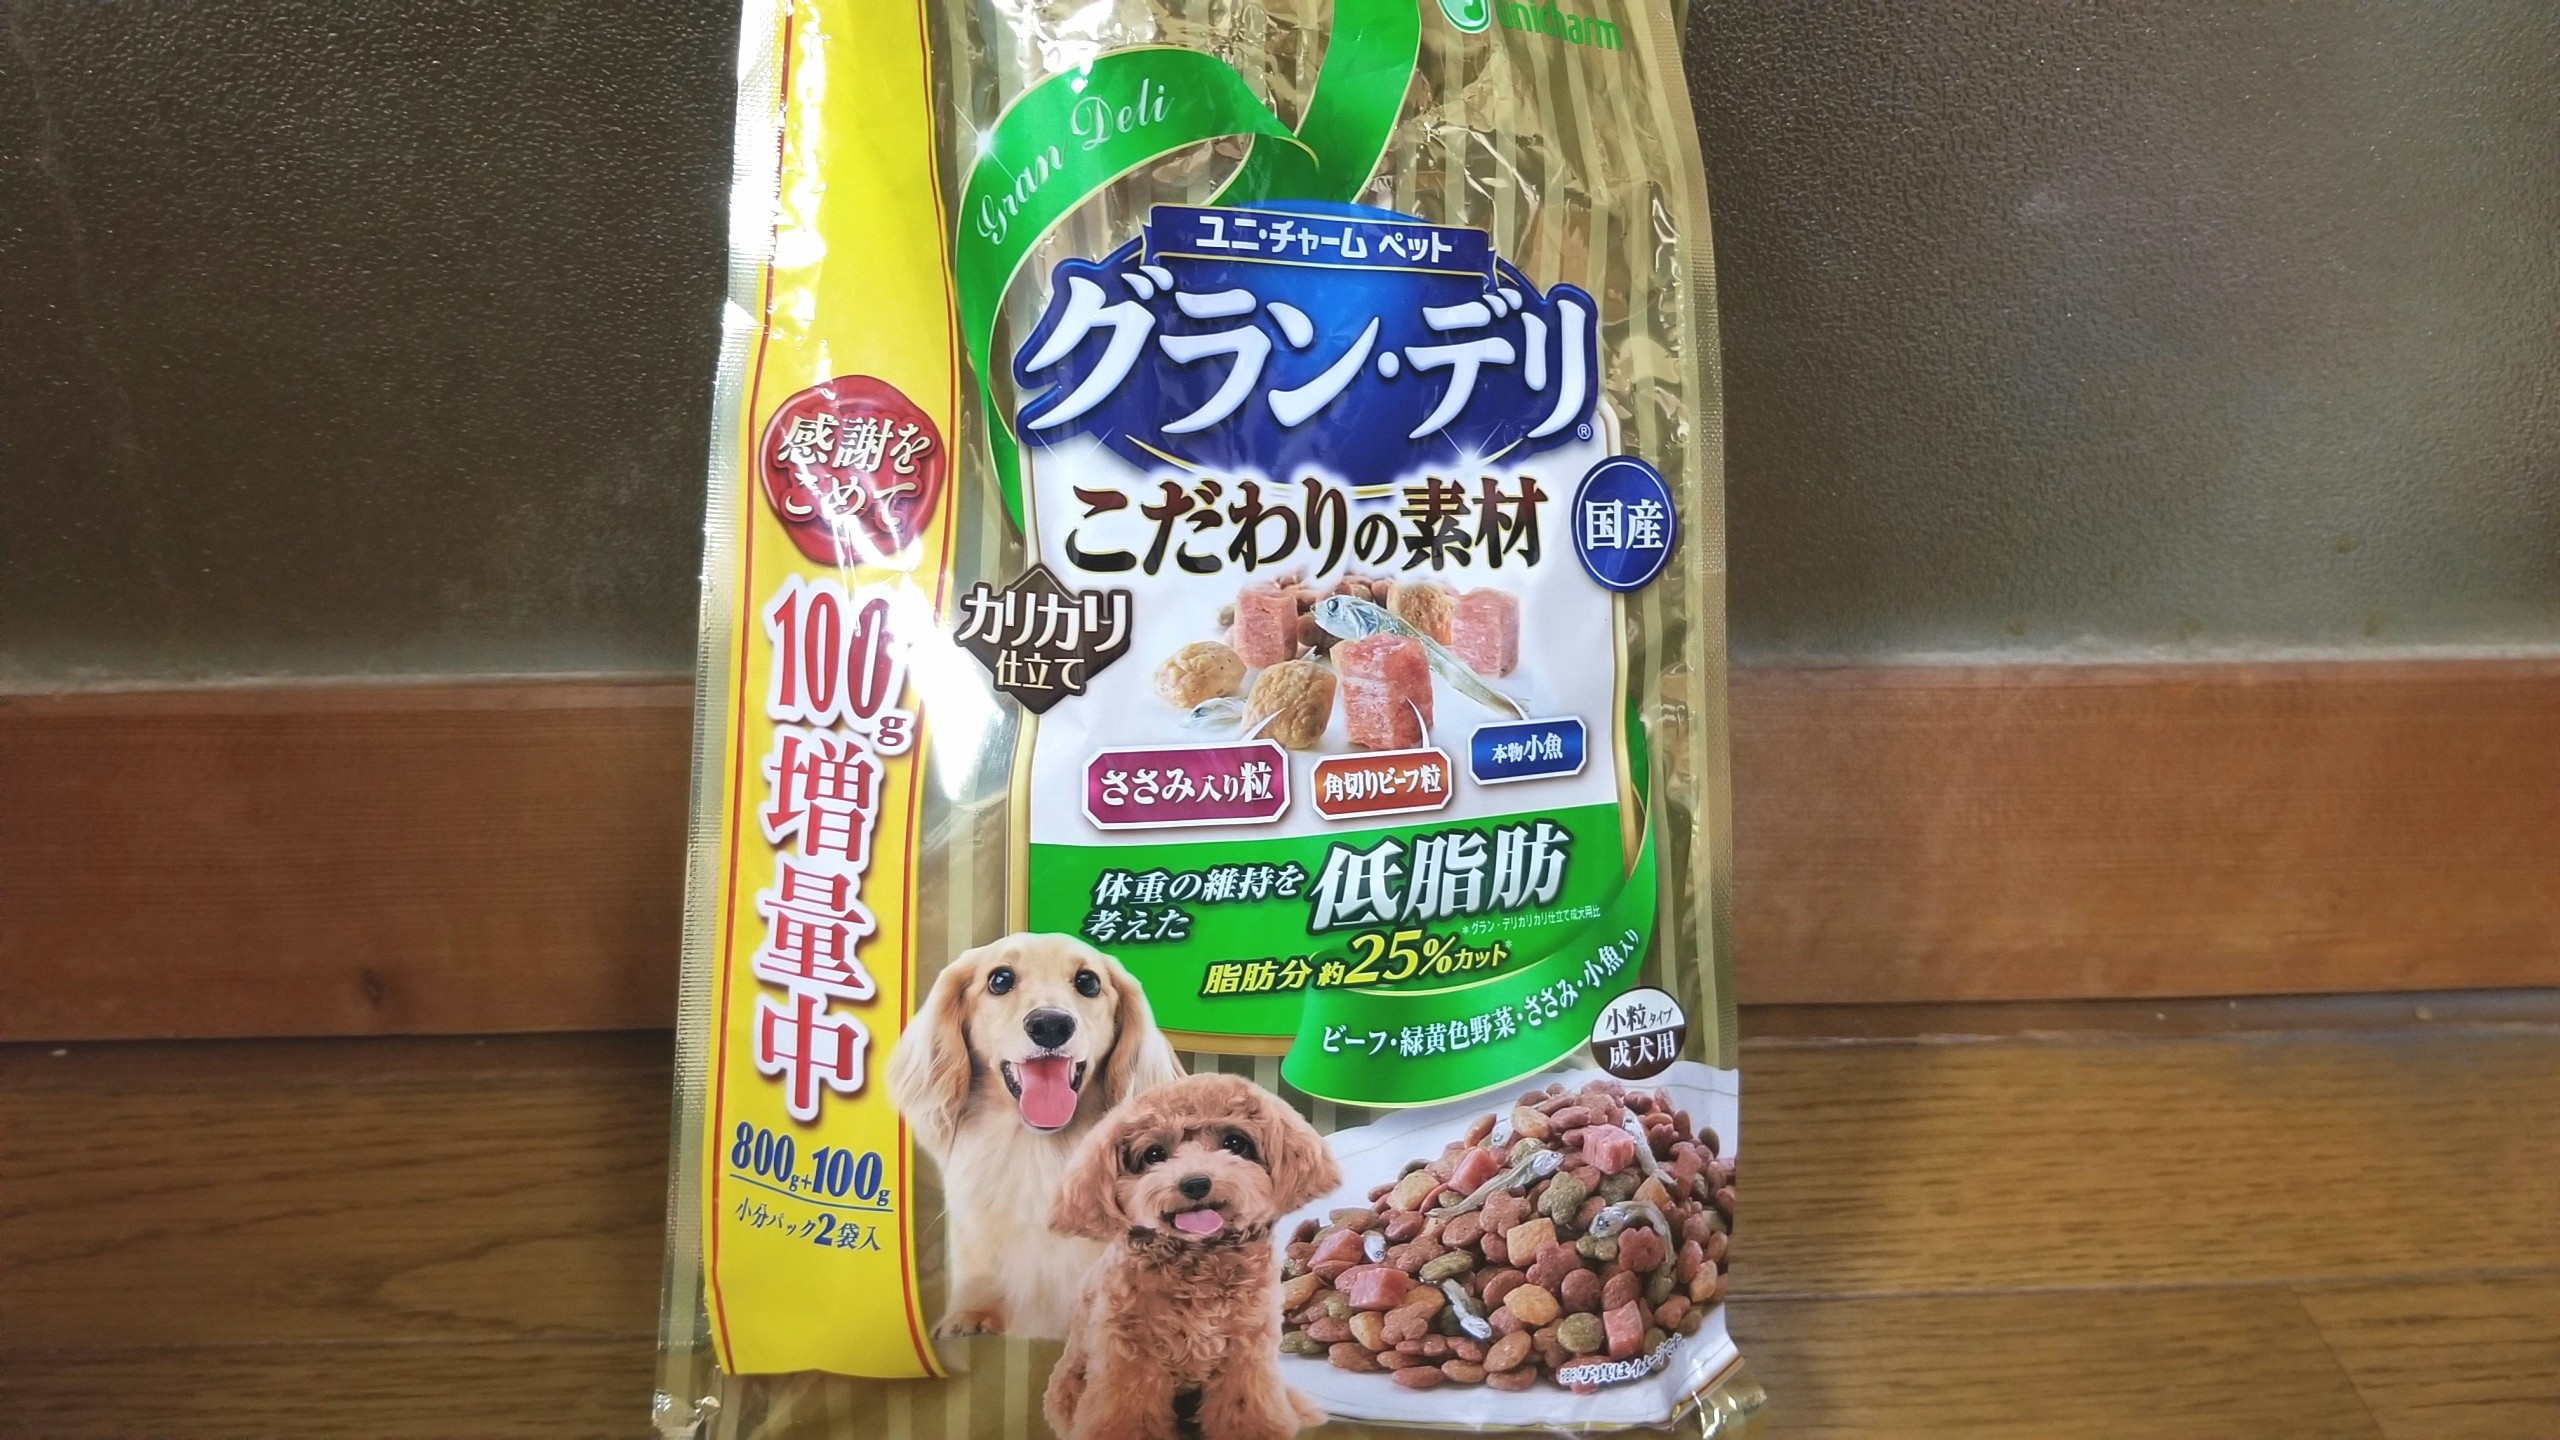 食欲不振,犬の病気,老犬,グランデリ,ドッグフード,食べない原因